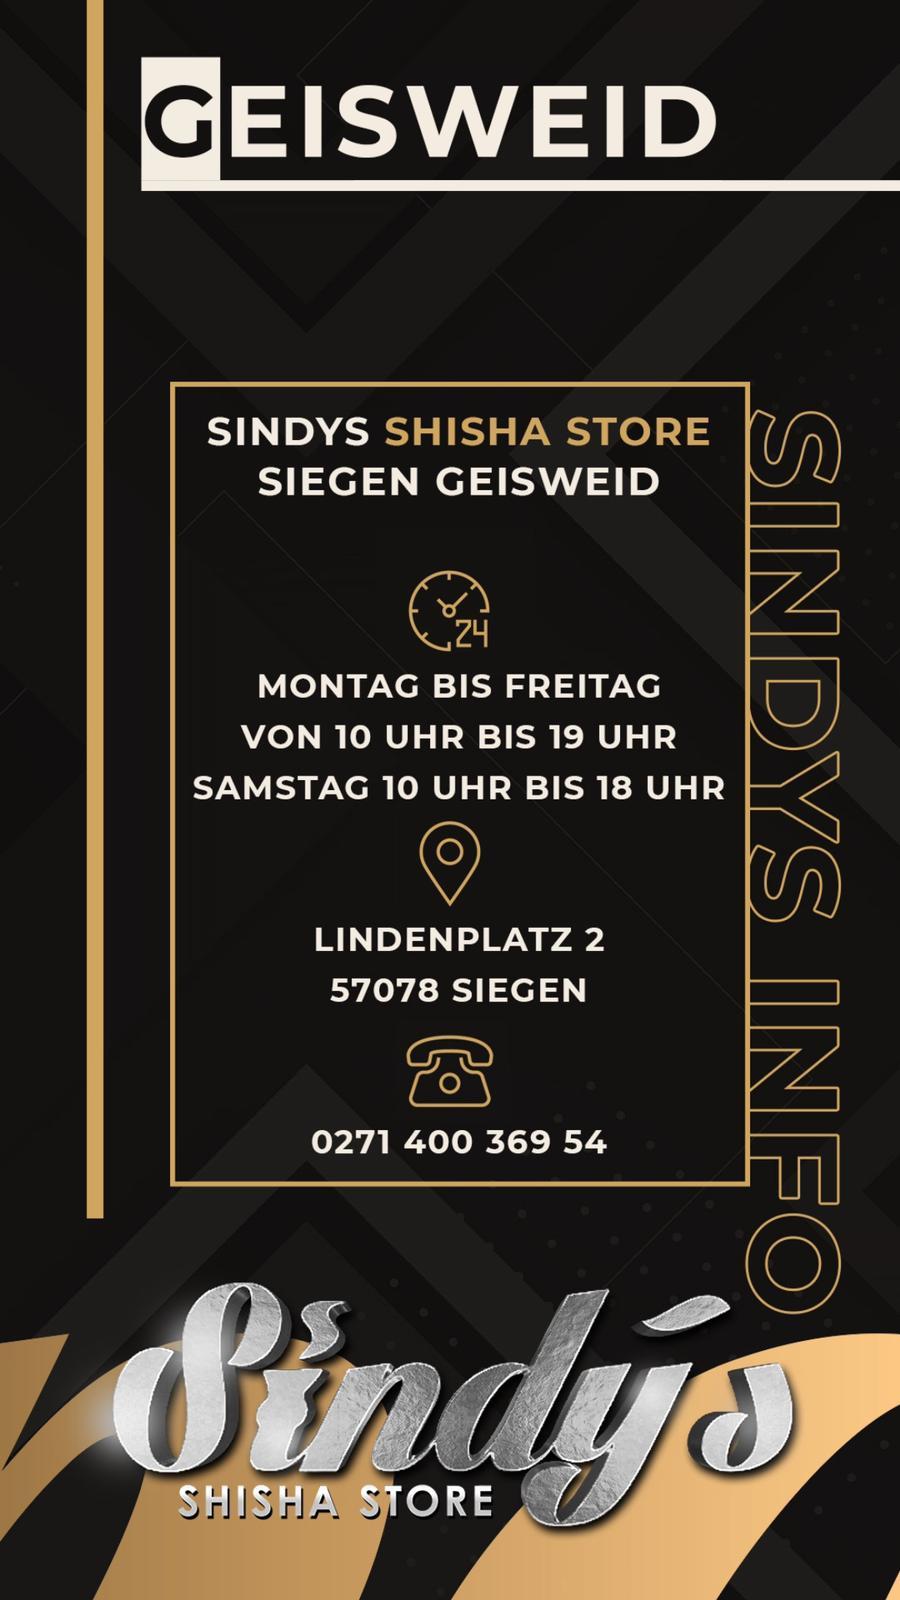 Sindys Shisha Store Geisweid